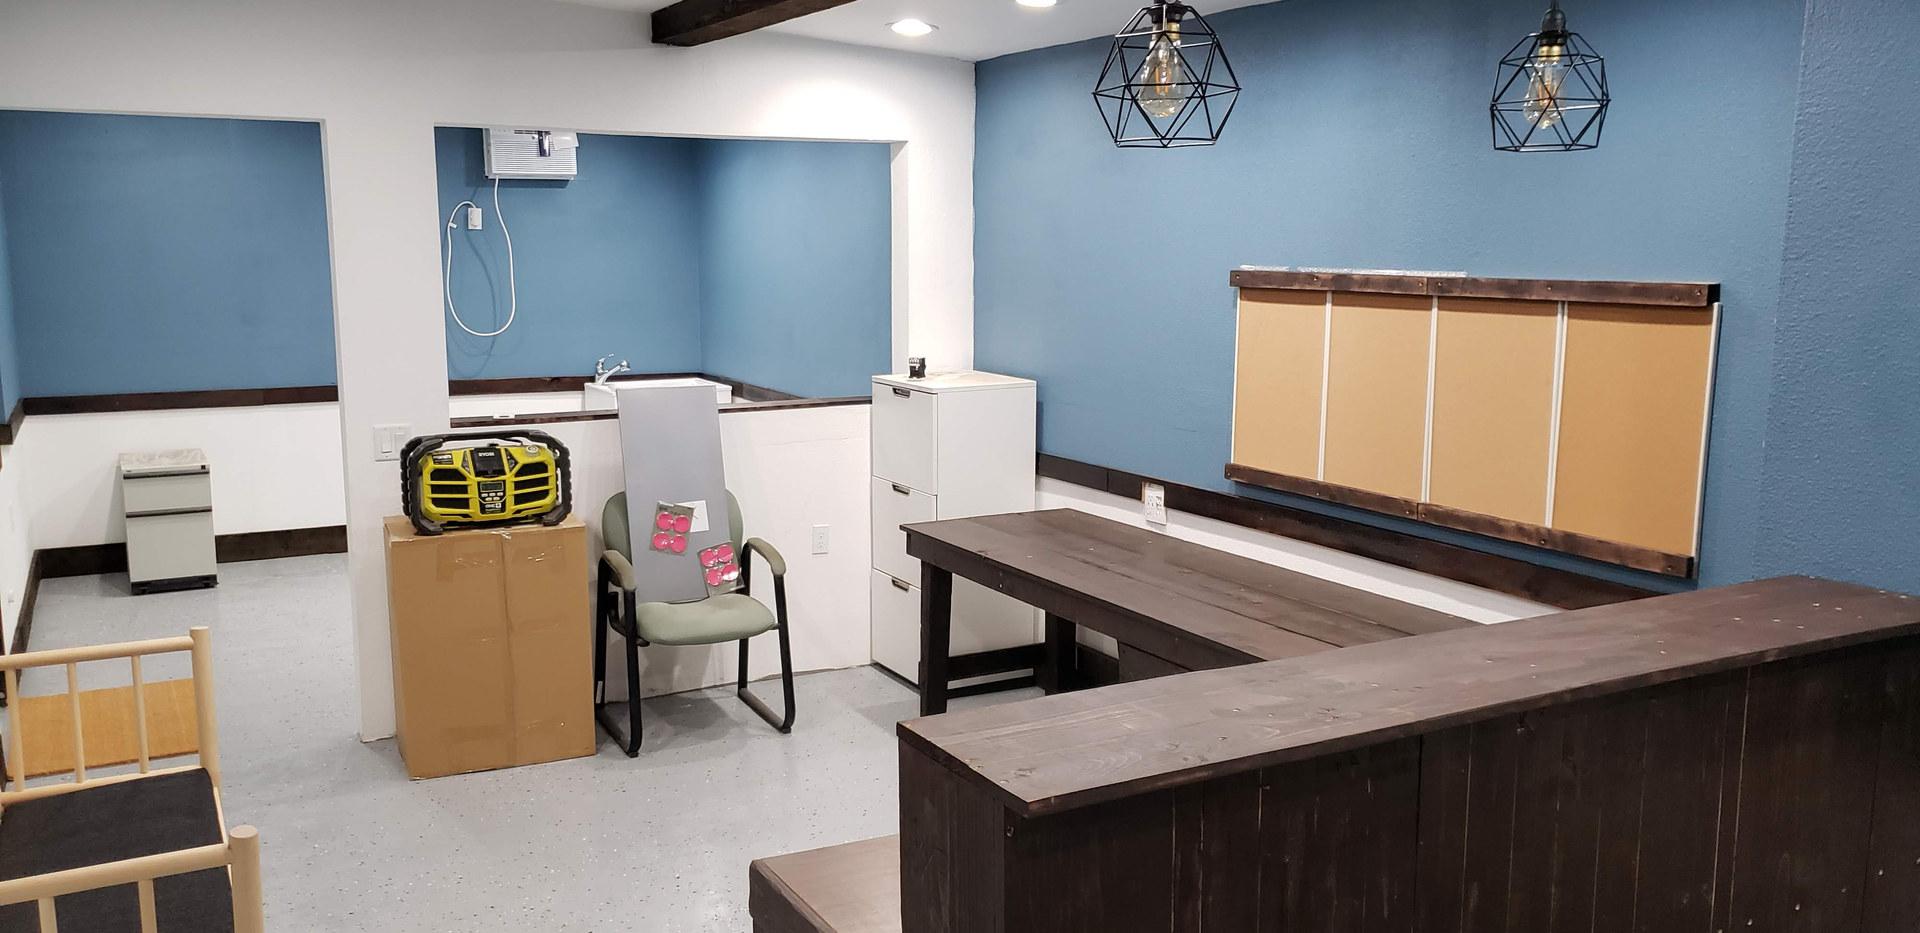 Jan 2019 office done.jpg